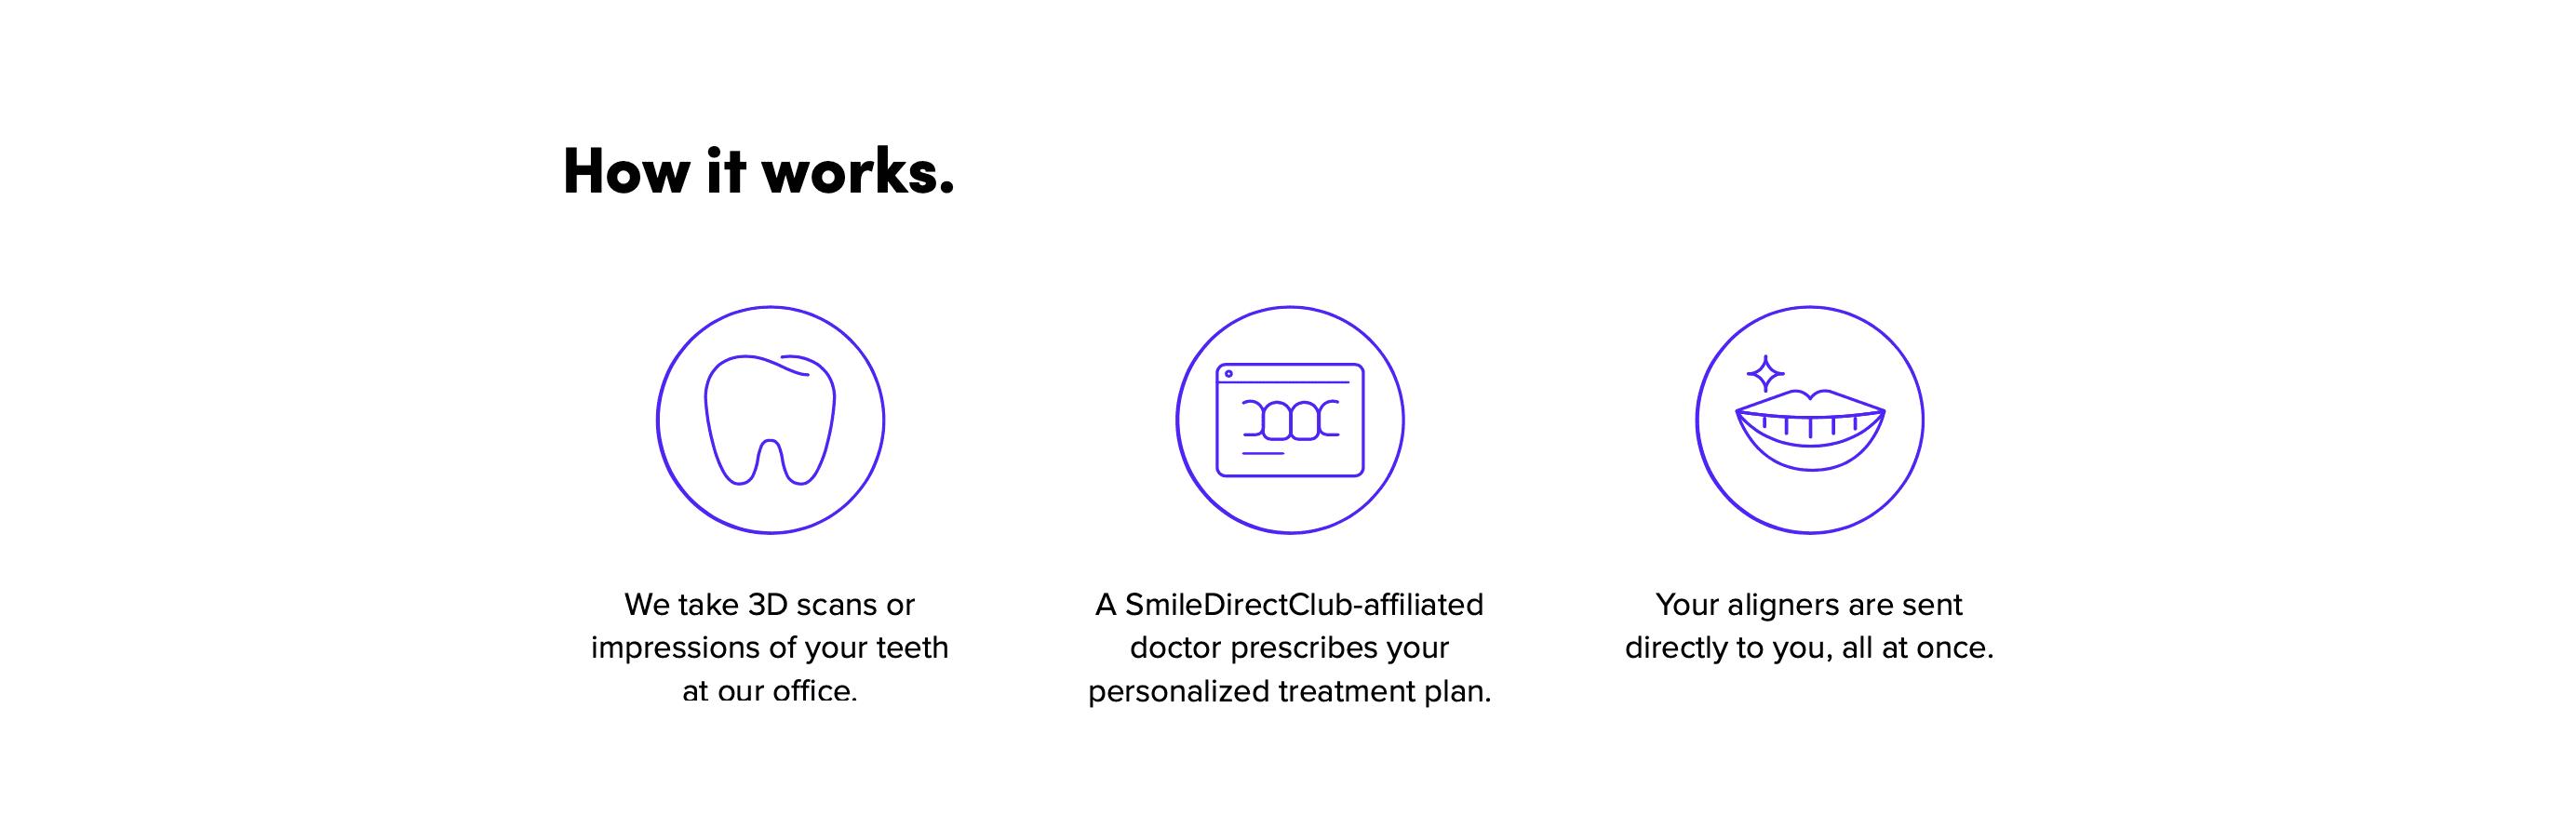 How it Works, SmileDirectClub